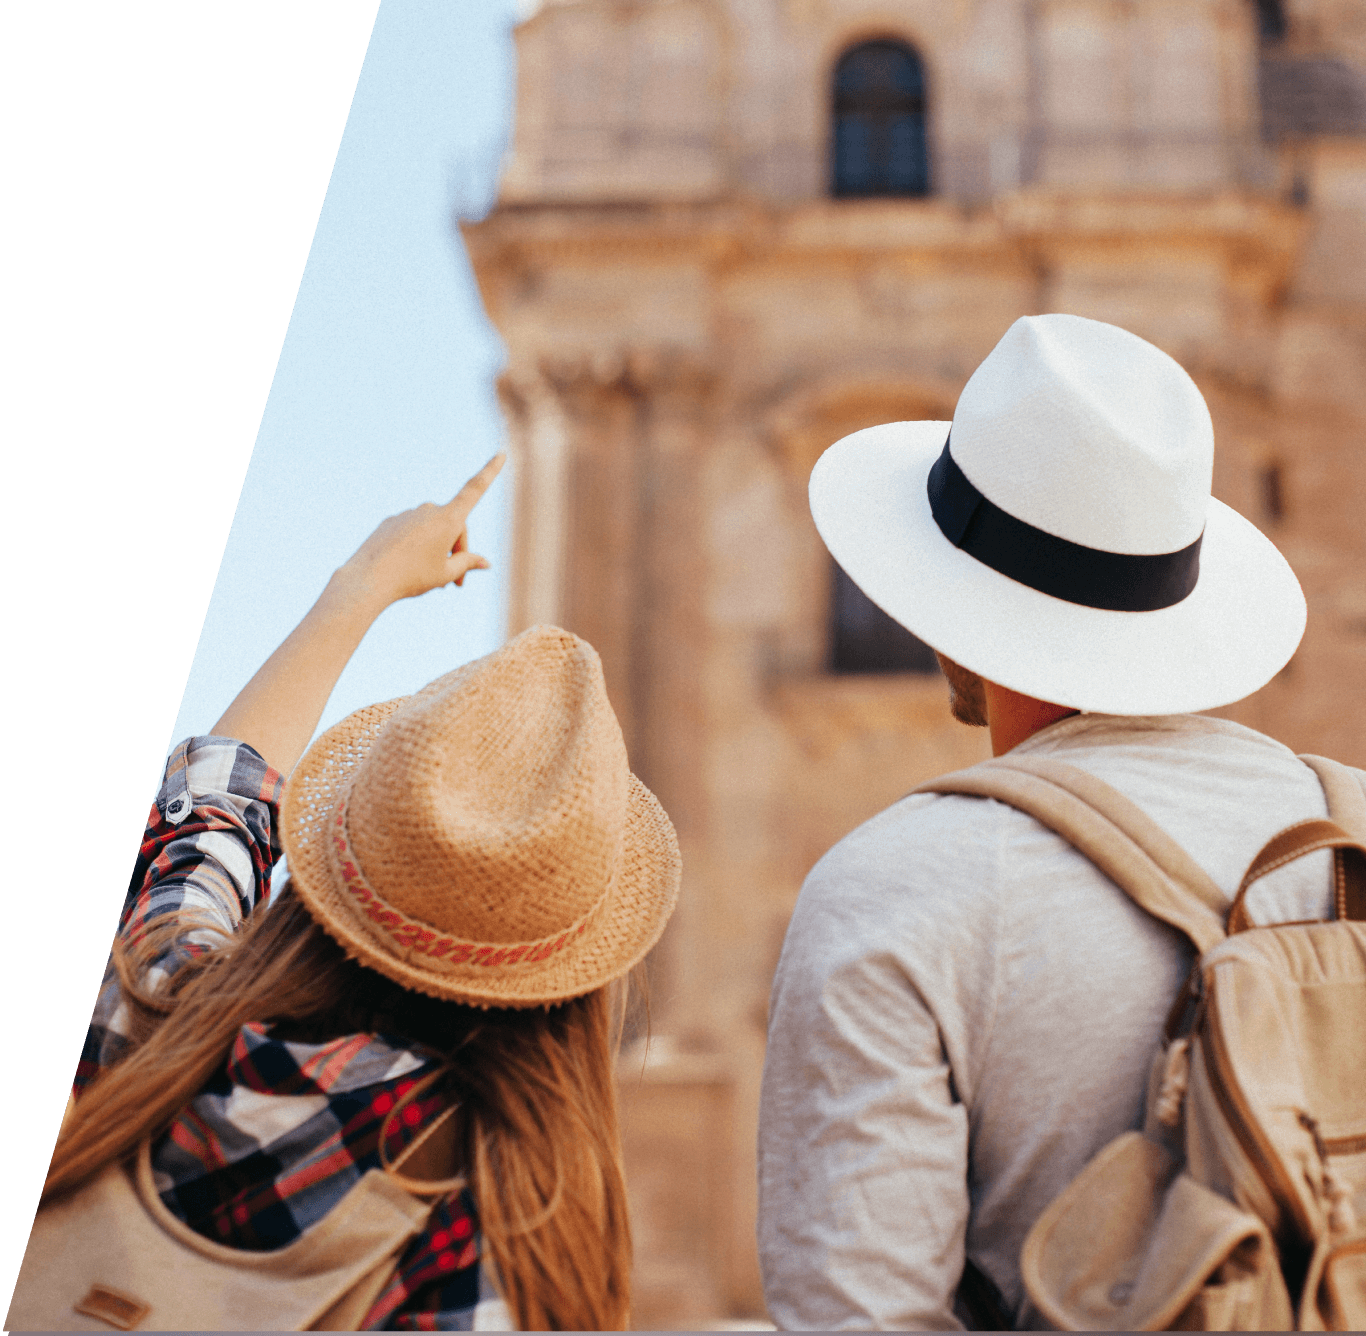 Dos turistas de espaldas visitando la Catedral de Malaga